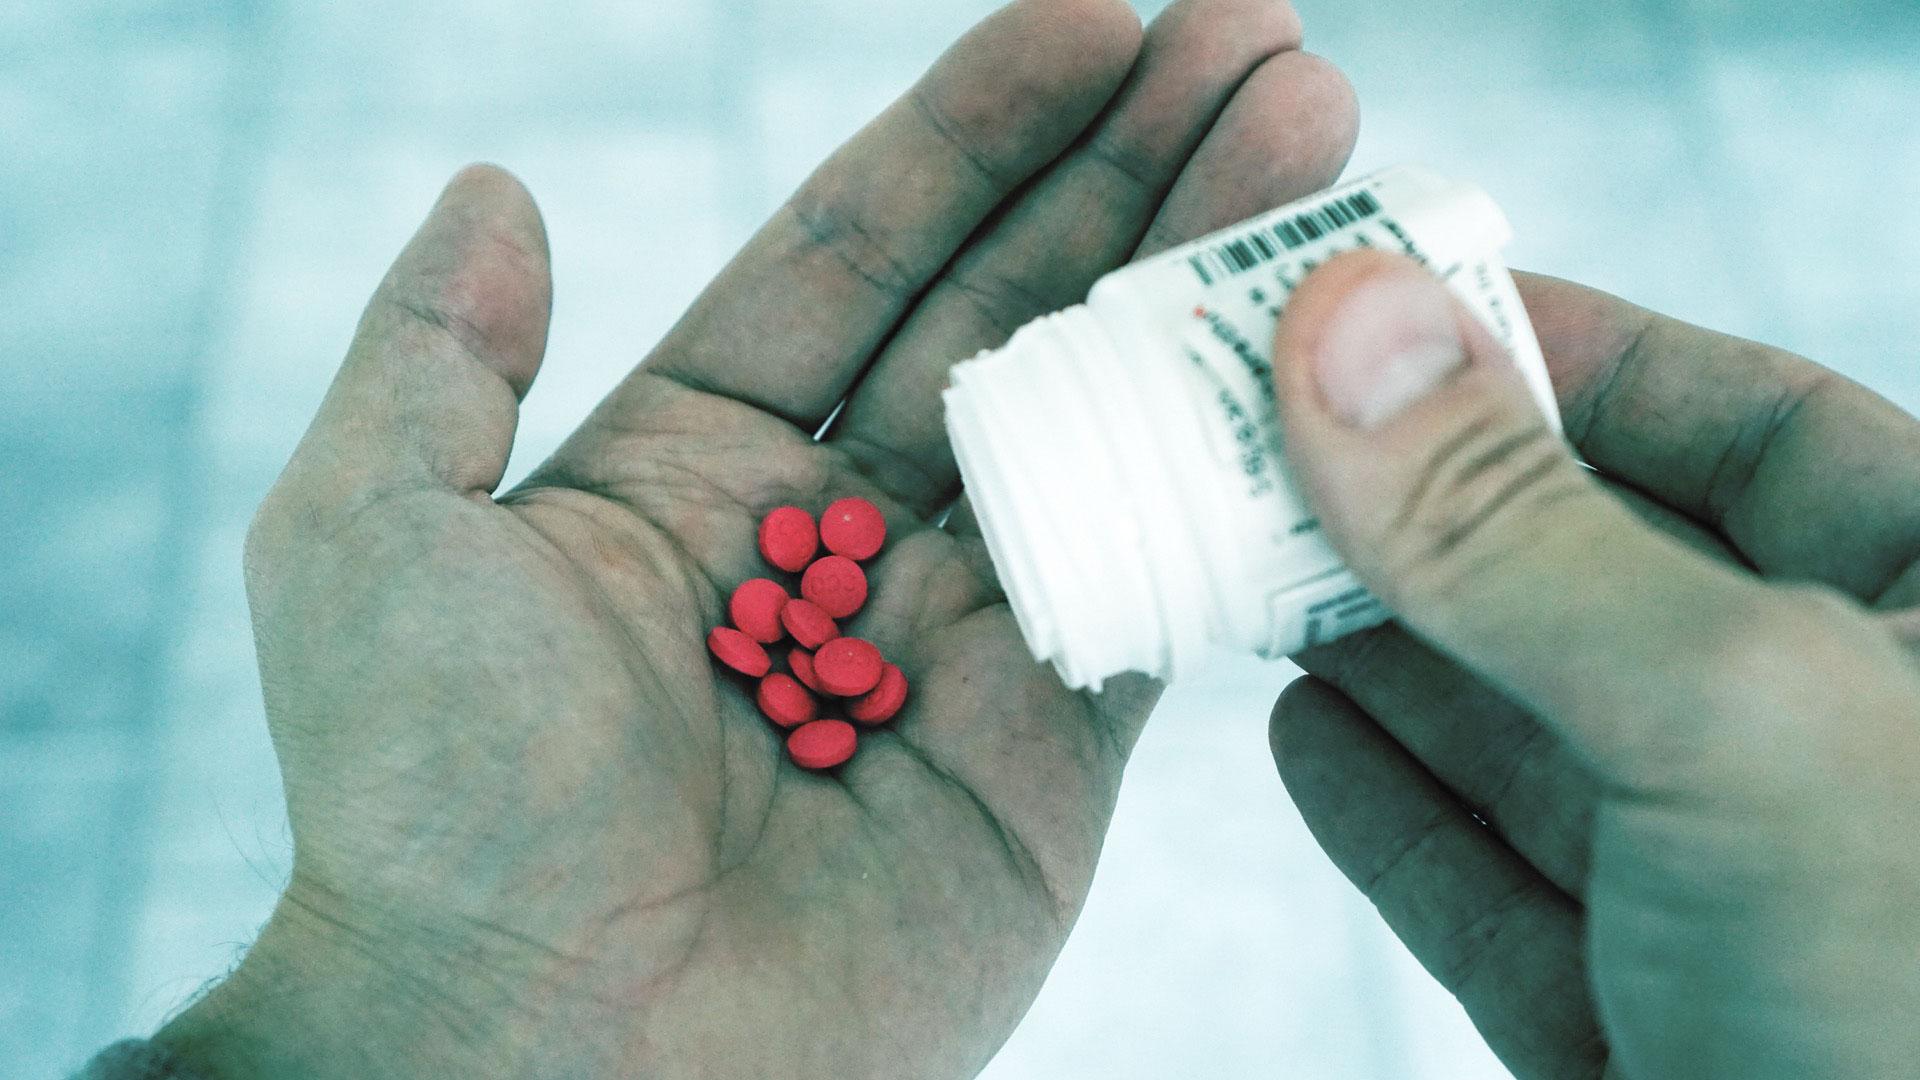 En esta Masterclass <b>Estudio y clasificación de opioides</b>, impartida por Luis Amador, estudiaremos y clasificaremos los opioides, además de definir sustancias concretas como la codeína y el tramadol. <br /><br />  Conocer y clasificar los <b>opiáceos</b> es necesario a la hora de elegir un tratamiento para cada paciente. Gracias a esta Masterclass <b>Estudio y clasificación de opioides</b> podrás dominar los diferentes tipos que pueden utilizarse según el <b>dolor</b> de cada persona consiguiendo mejores resultados para cada uno de tus pacientes. <br /><br />  Todas nuestras Masterclass están impartidas por los mayores expertos en odontología. Gracias a nuestra Masterclass <b>Estudio y clasificación de opioides</b> y otras como esta, que forman parte de la serie <b>Farmacología en odontología</b> podrás desarrollar y actualizar tus conocimientos sobre los diferentes tipos de fármacos que son utilizados en Odontología: analgésicos, antibióticos, opiáceos, corticosteroides, sedantes y protectores gástricos. Se estudiará su clasificación, cómo y cuándo deben utilizarse, así como sus contraindicaciones y algunas situaciones especiales,alcanzando una formación avanzada y permitiéndote profundizar en <b>Opioides</b> con criterios científicos y de excelencia, abordando las últimas tendencias y técnicas más actuales en el sector odontológico. <br /><br />  Desde Knotgroup Dental Institute te invitamos a que explores a través de nuestra web y encuentres otras masterclass como <b>Estudio y clasificación de opioides</b> para actualizar tus conocimientos y aplicarlos a tu clínica dental, así como la amplia gama de cursos que ofrecemos también sobre <b>Opioides</b>, impartidos por los mejores profesionales en odontología. <br /><br />  Muchas gracias por tu tiempo. Esperamos que aprendas y disfrutes de esta Masterclass<b>Estudio y clasificación de opioides</b> y visites pronto nuestra web de nuevo.